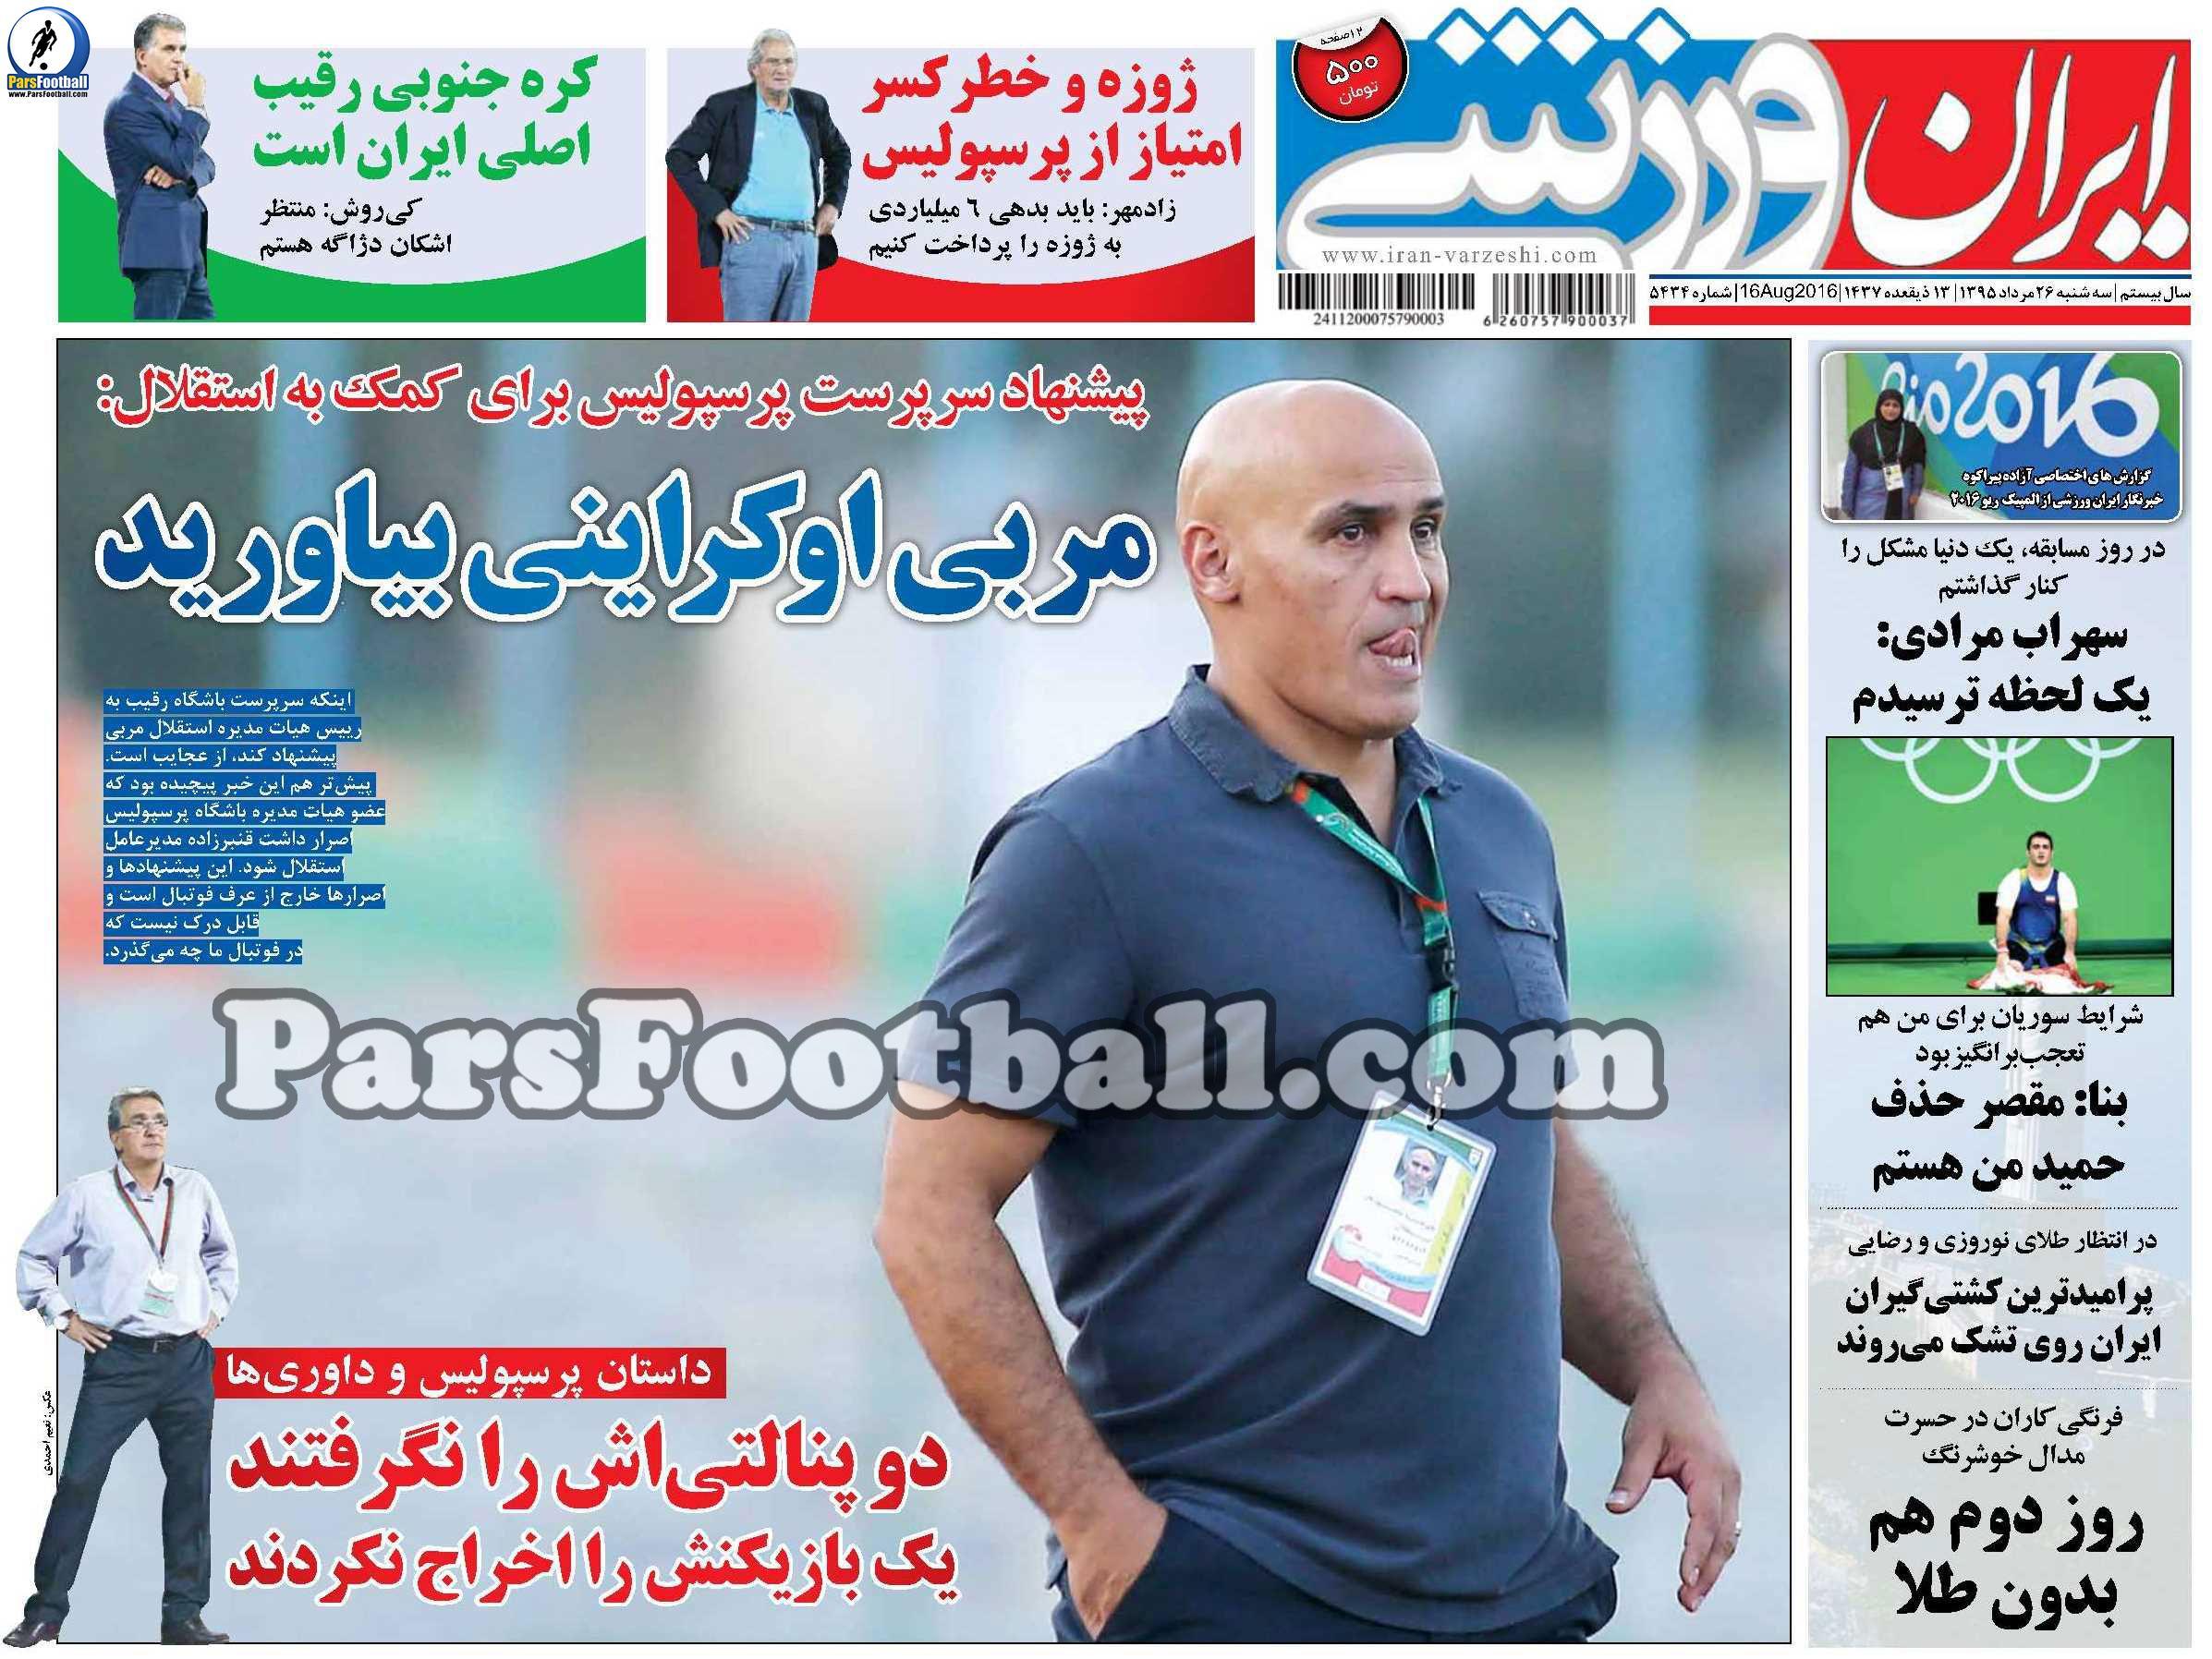 روزنامه ایران ورزشی سه شنبه 26 مرداد 95